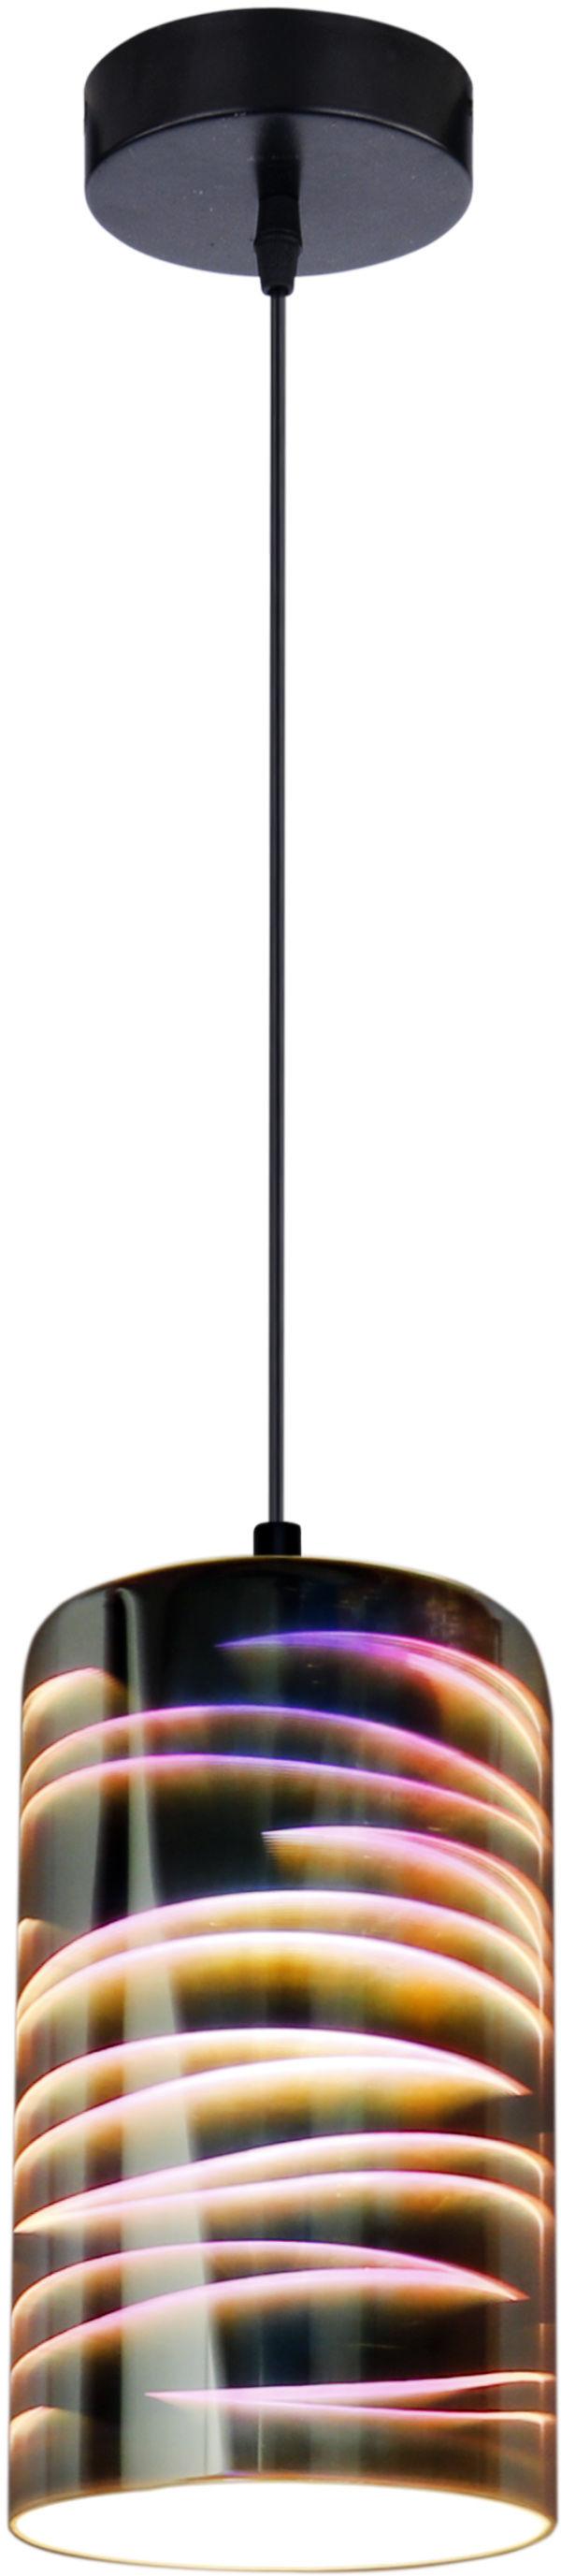 Candellux GALACTIC 3 31-56115 lampa wisząca klosz powlekany warstwą dekoracyjną 1X60W E27 3D 12 cm